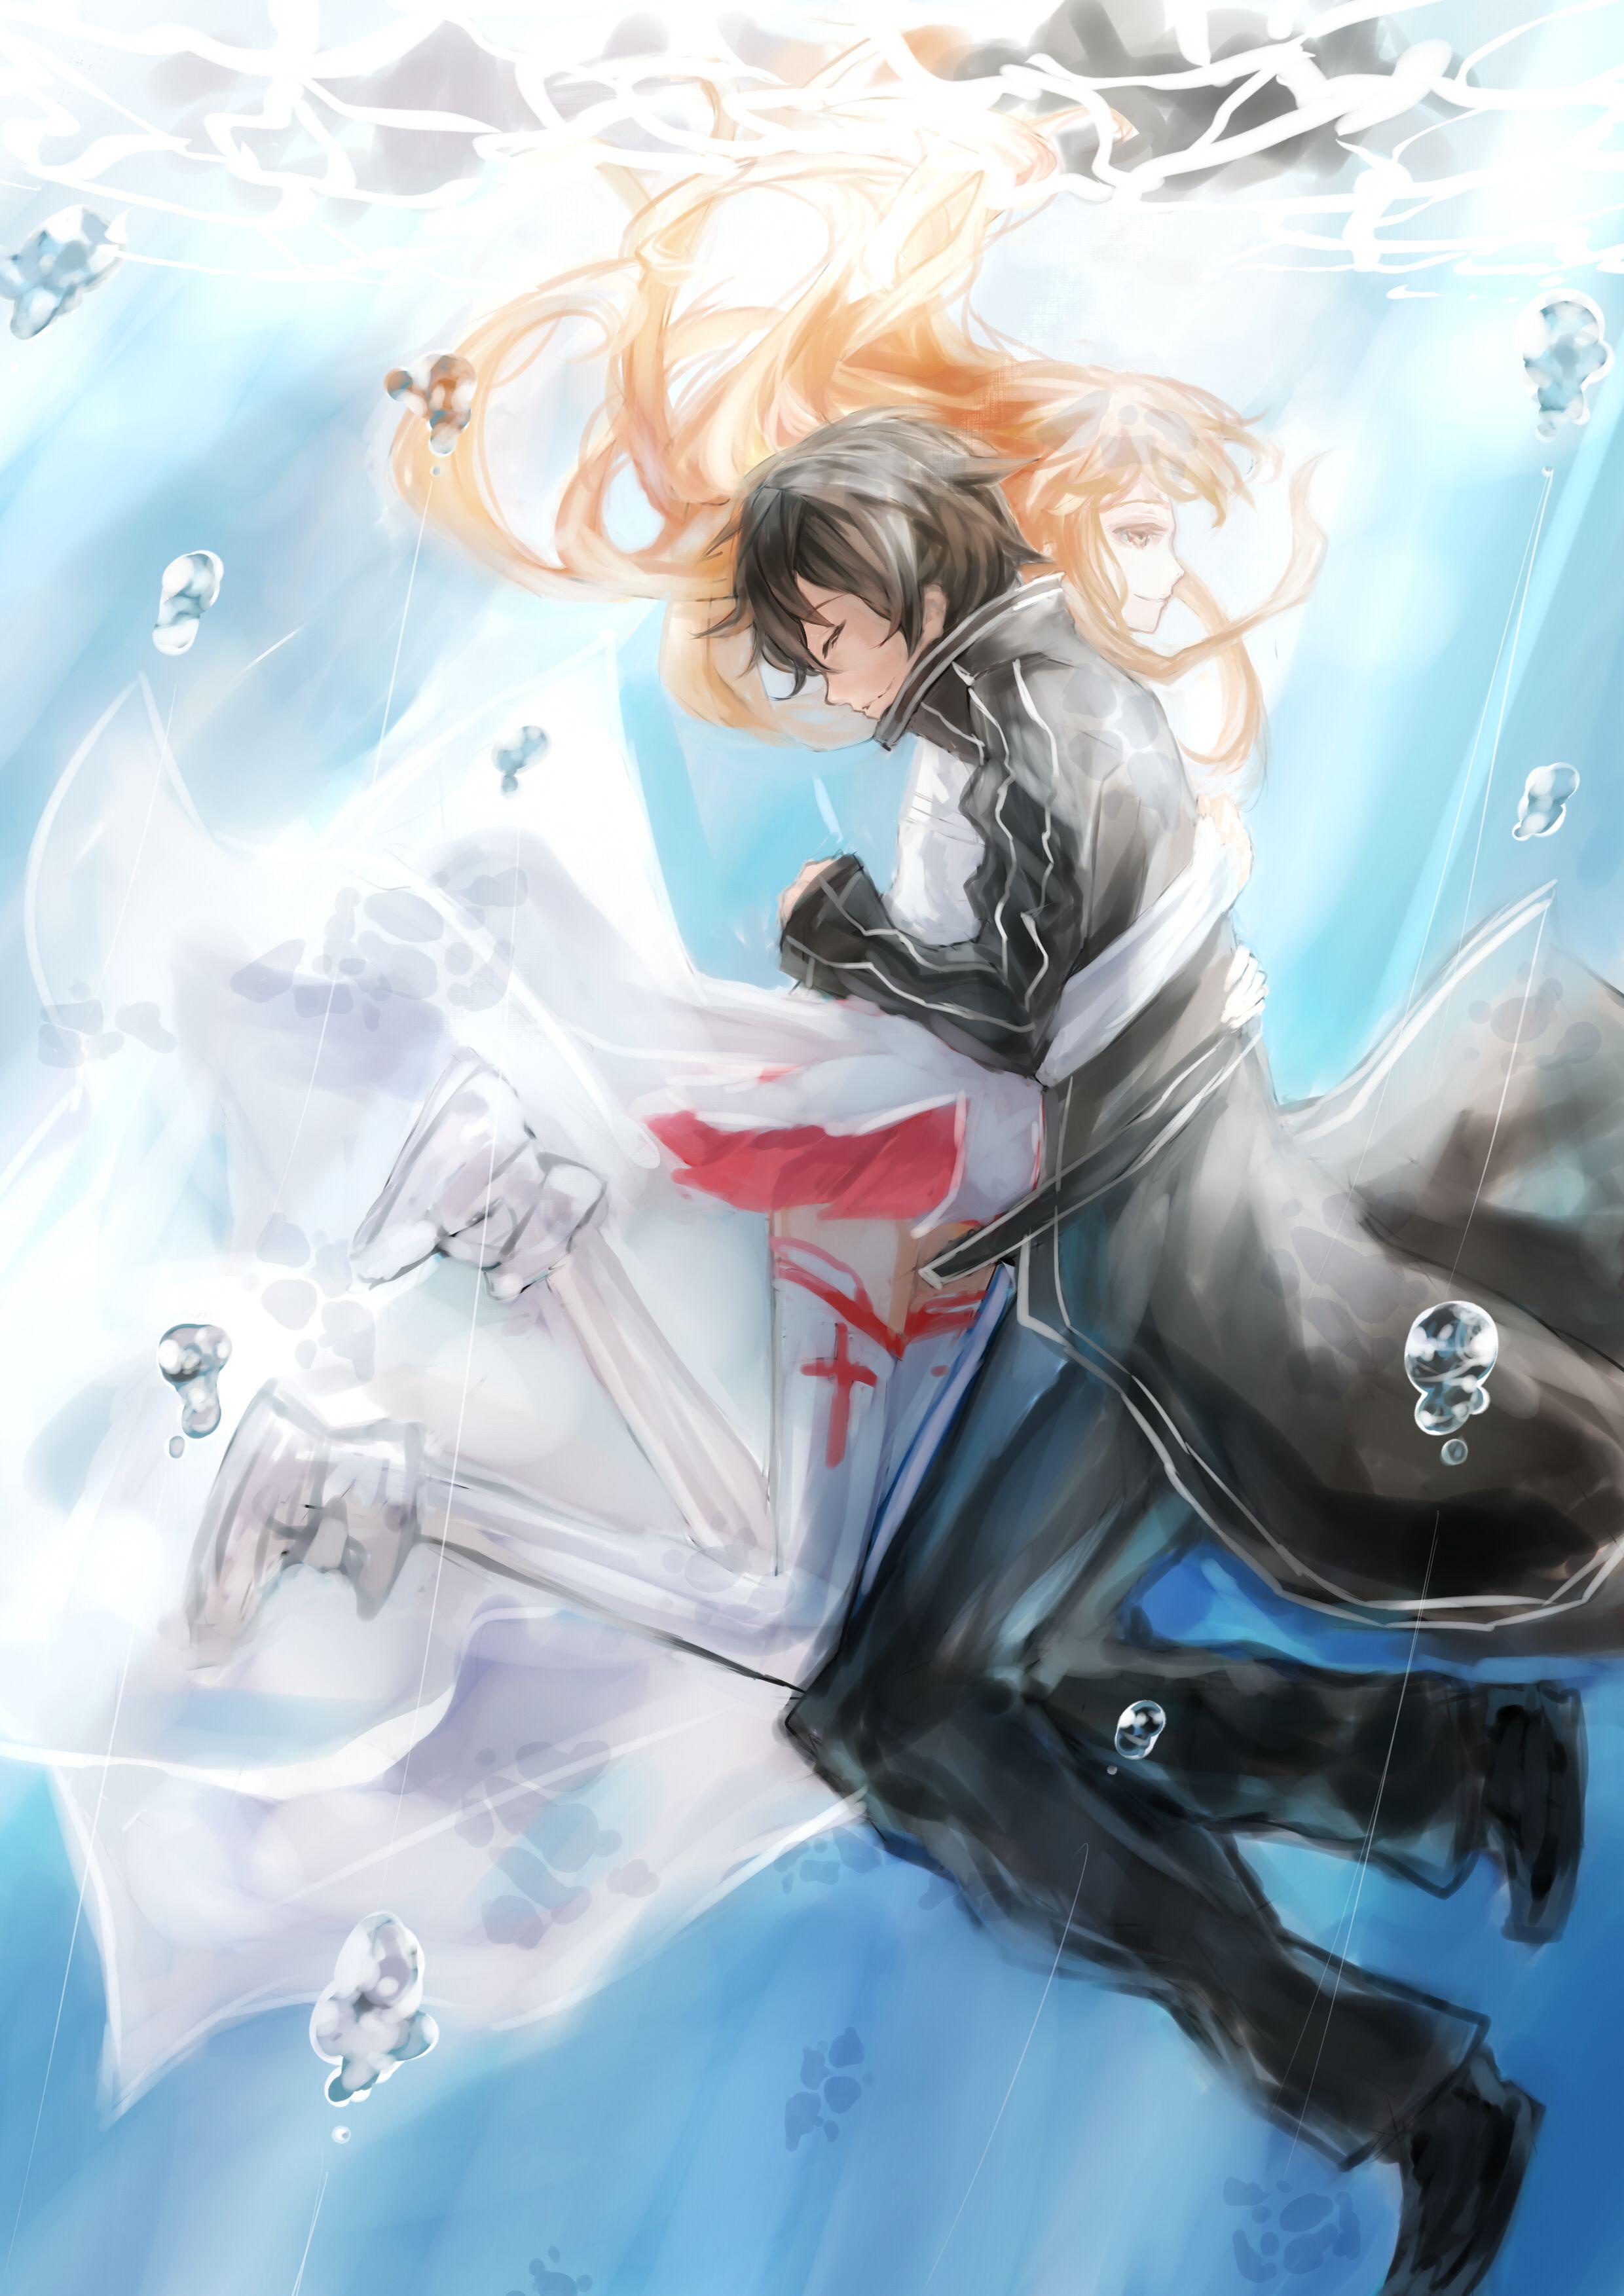 Sword Art Online Kirito Kiss Asuna Phone Wallpapers ...